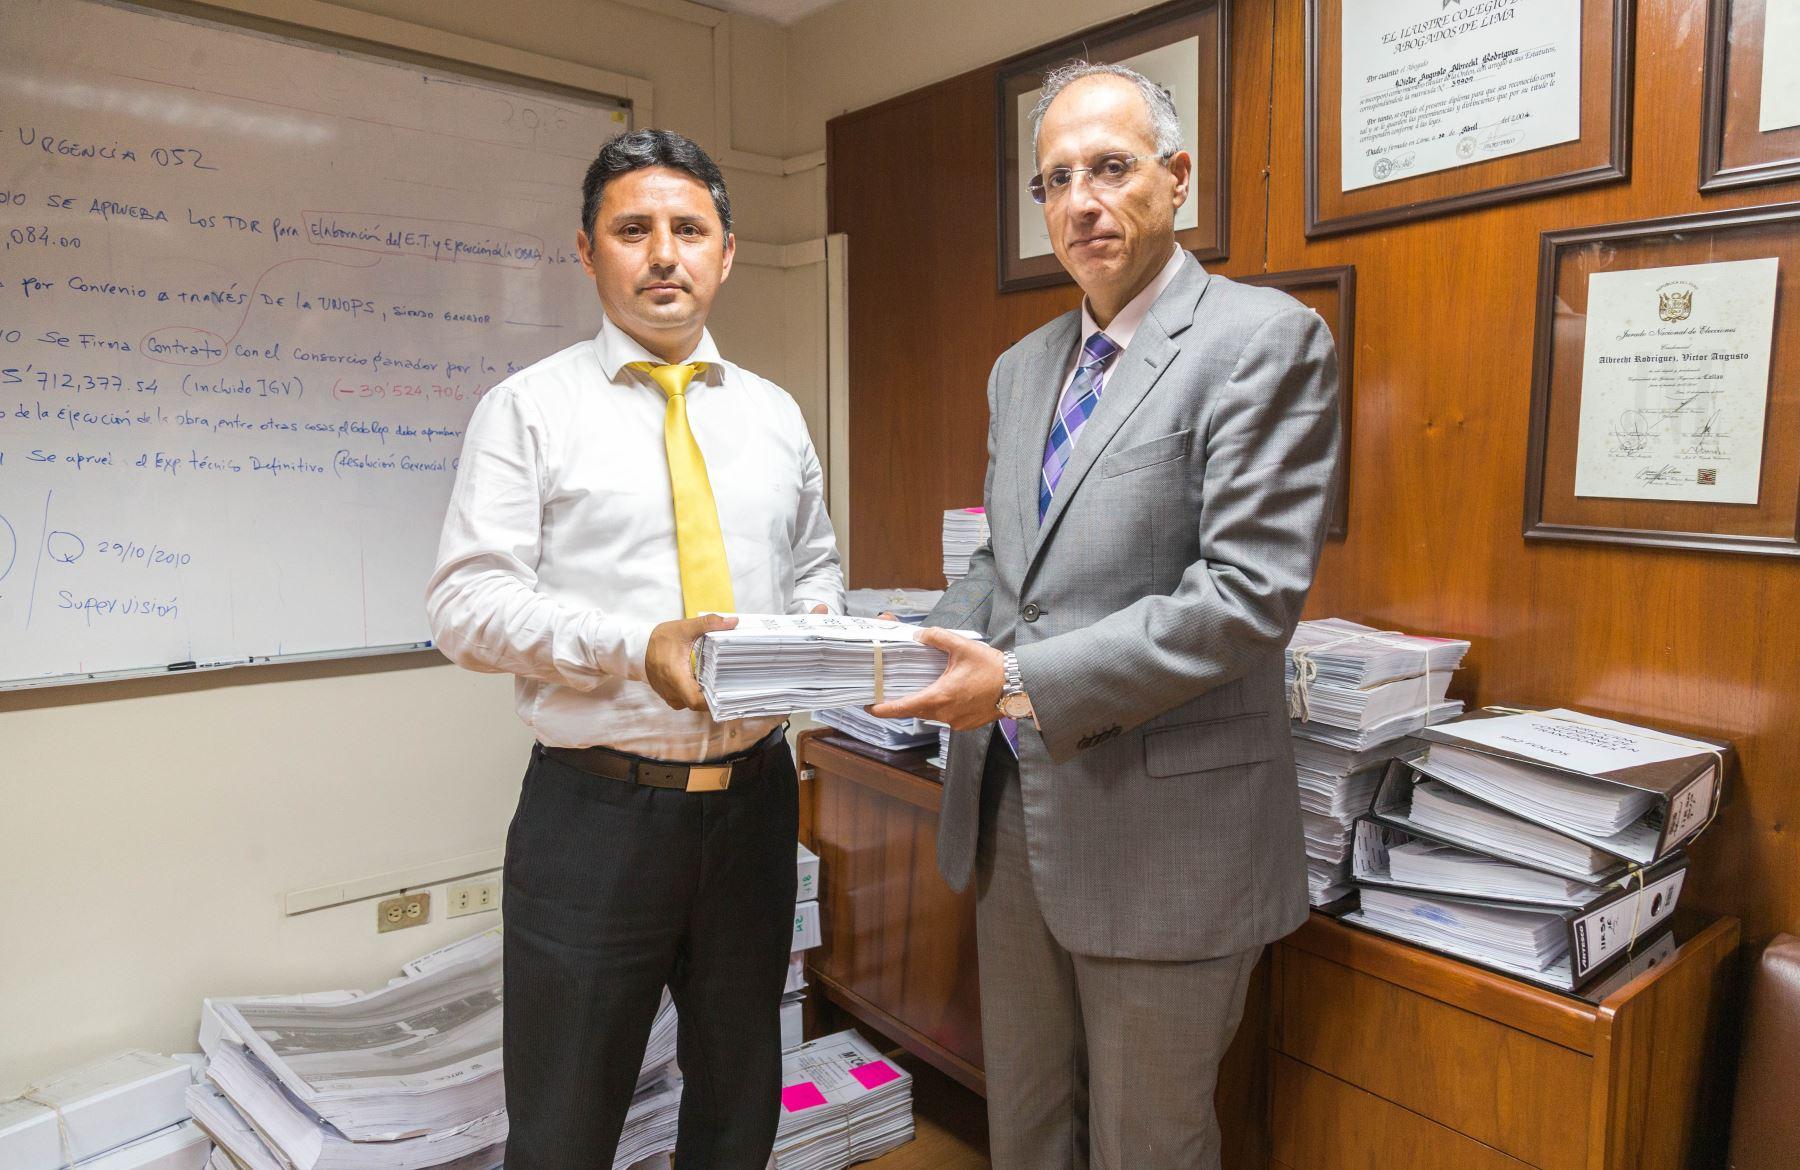 MTC entregó 43,000 documentos a comisión que investiga caso Lava Jato.